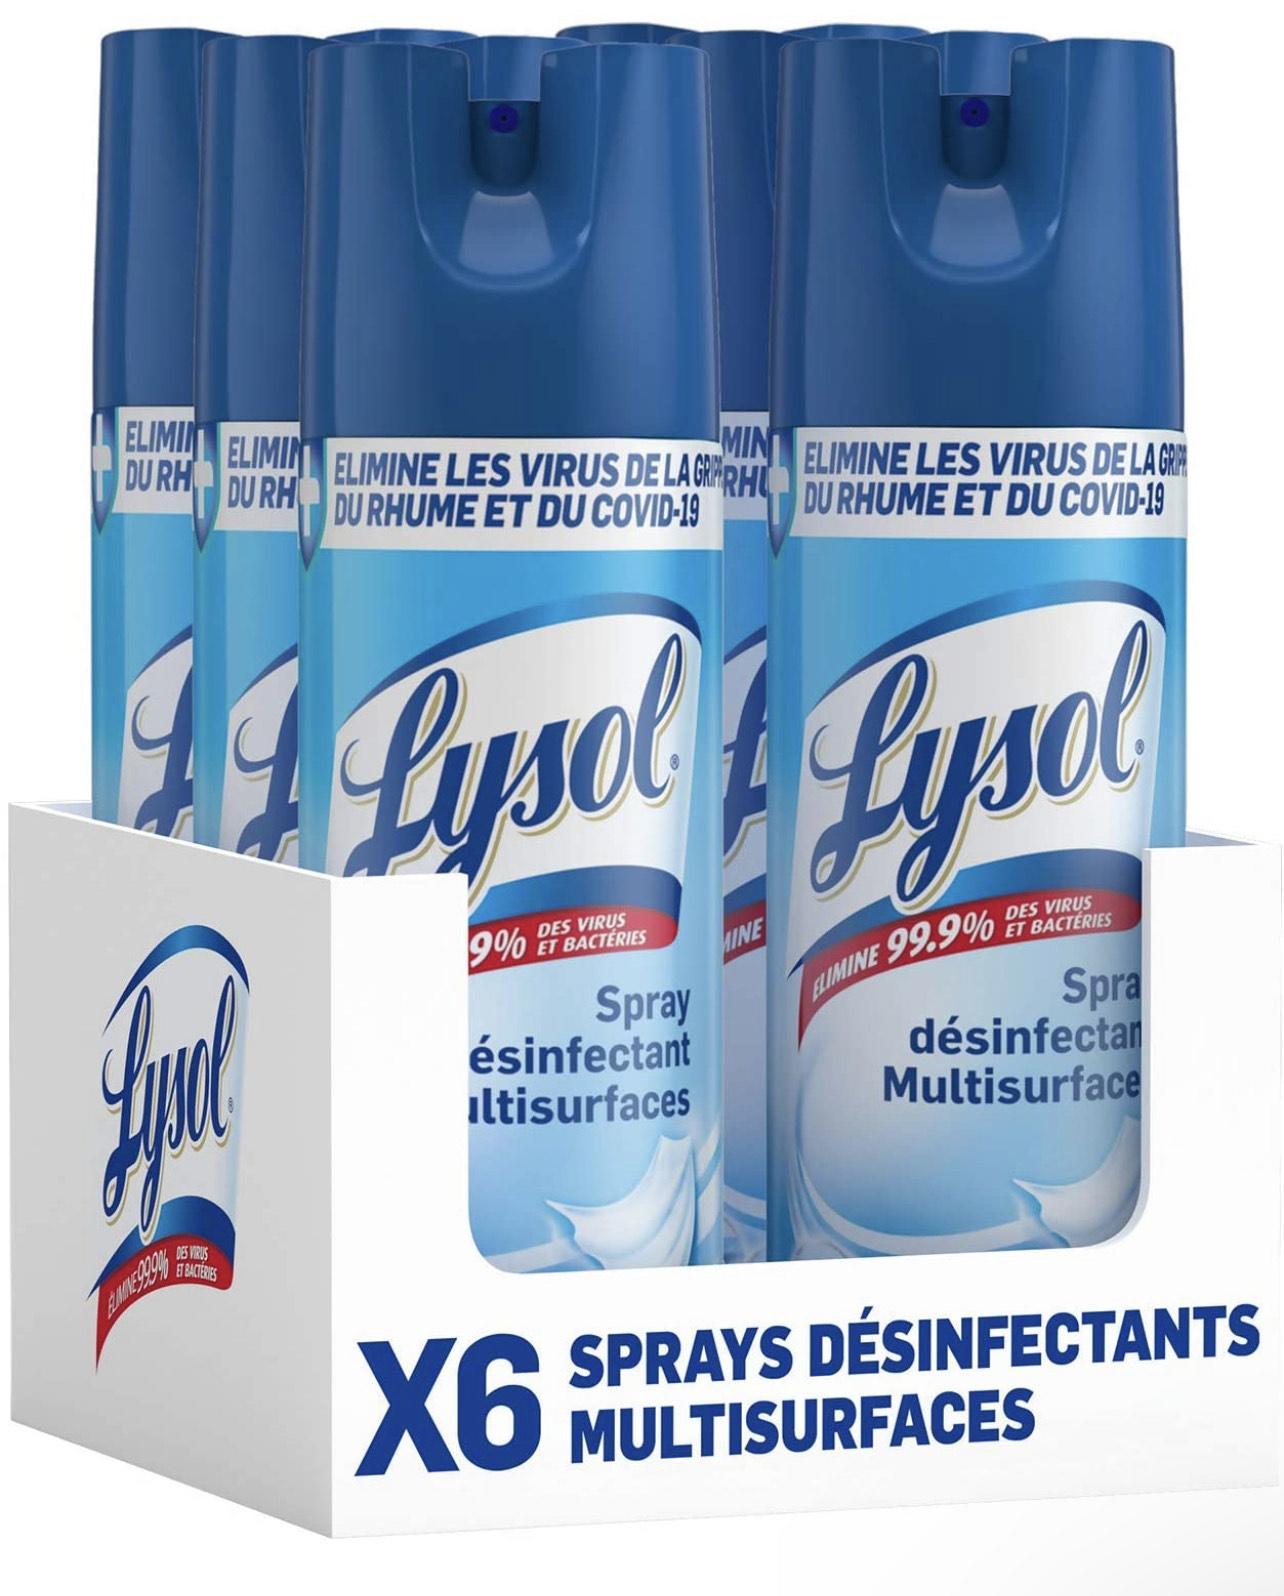 [Prime] Lot de 6 Spray Désinfectant Lysol